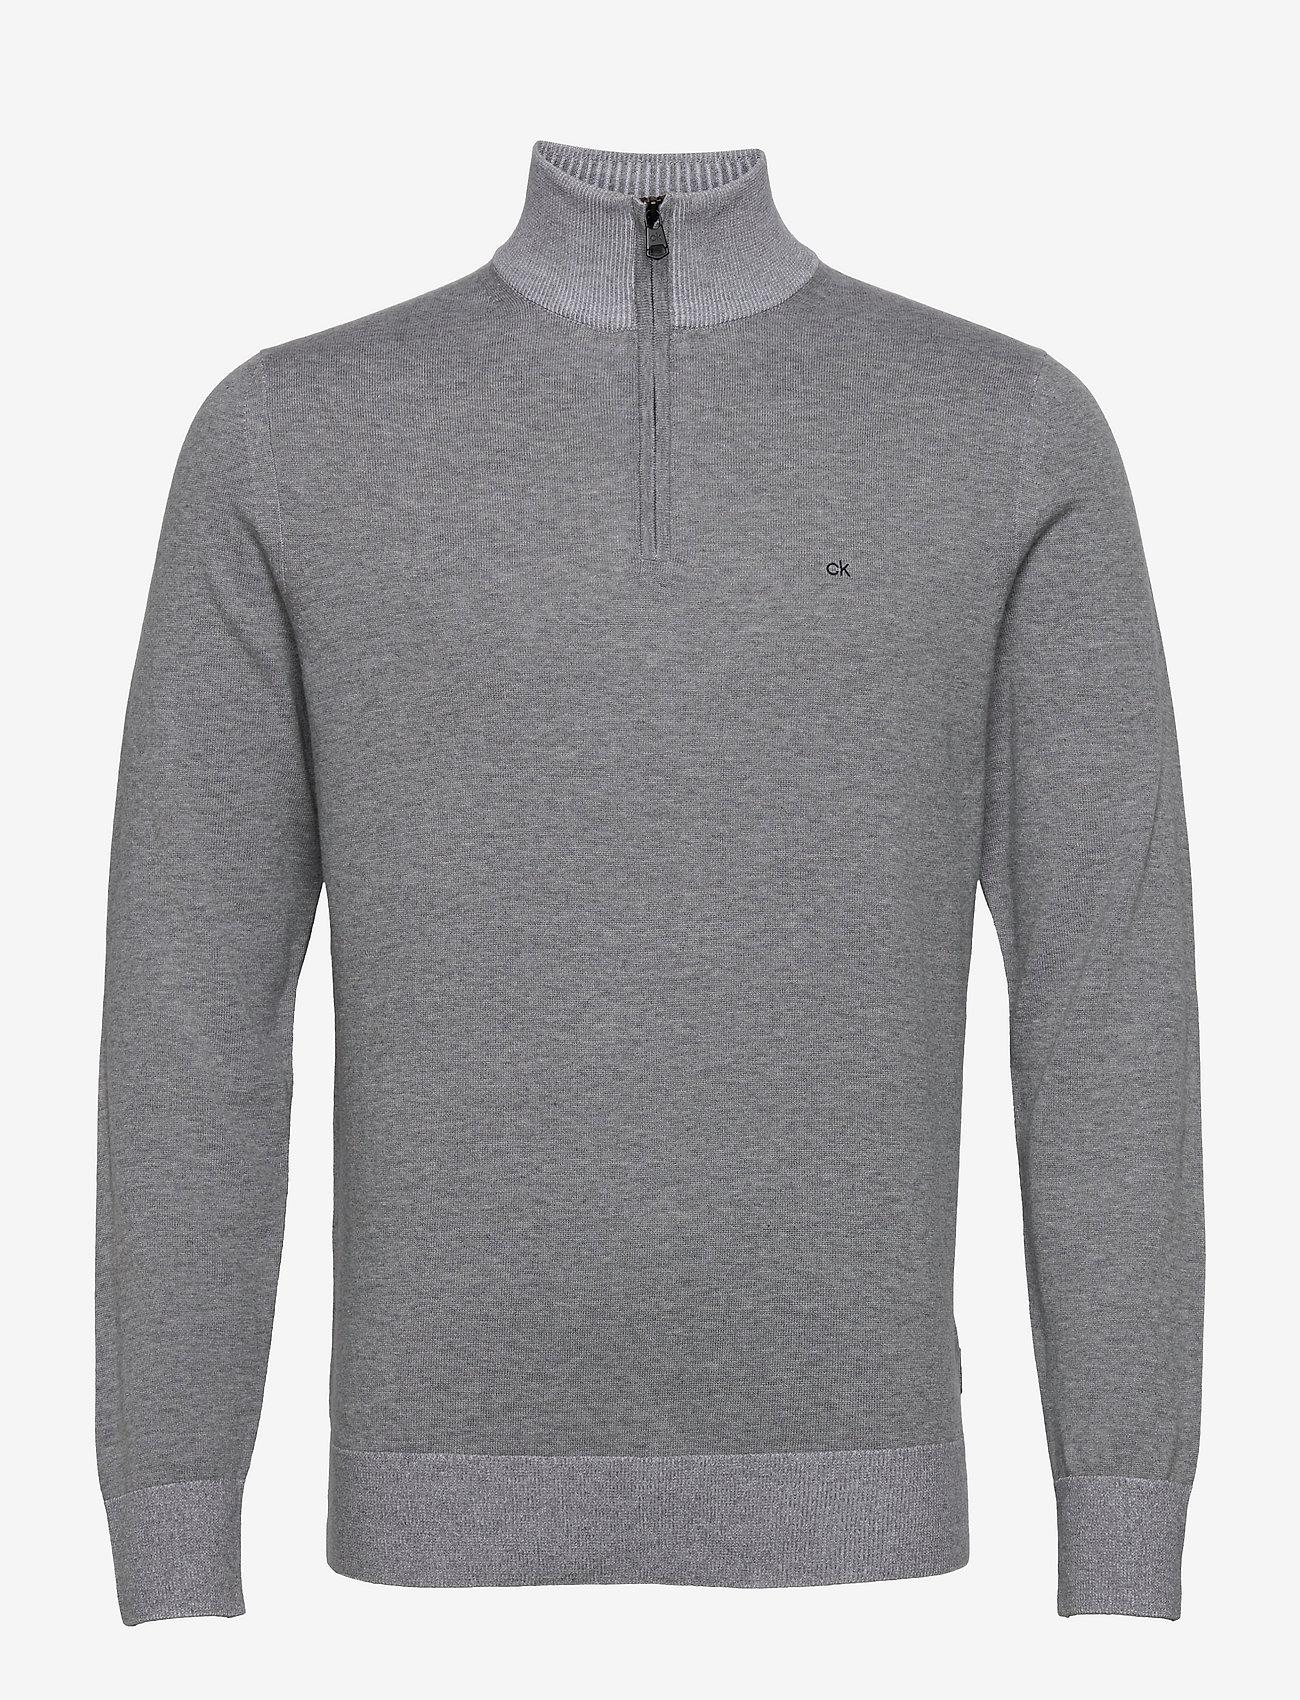 Calvin Klein - COTTON SILK 1/4 ZIP SWEATER - half zip - mid grey heather - 0